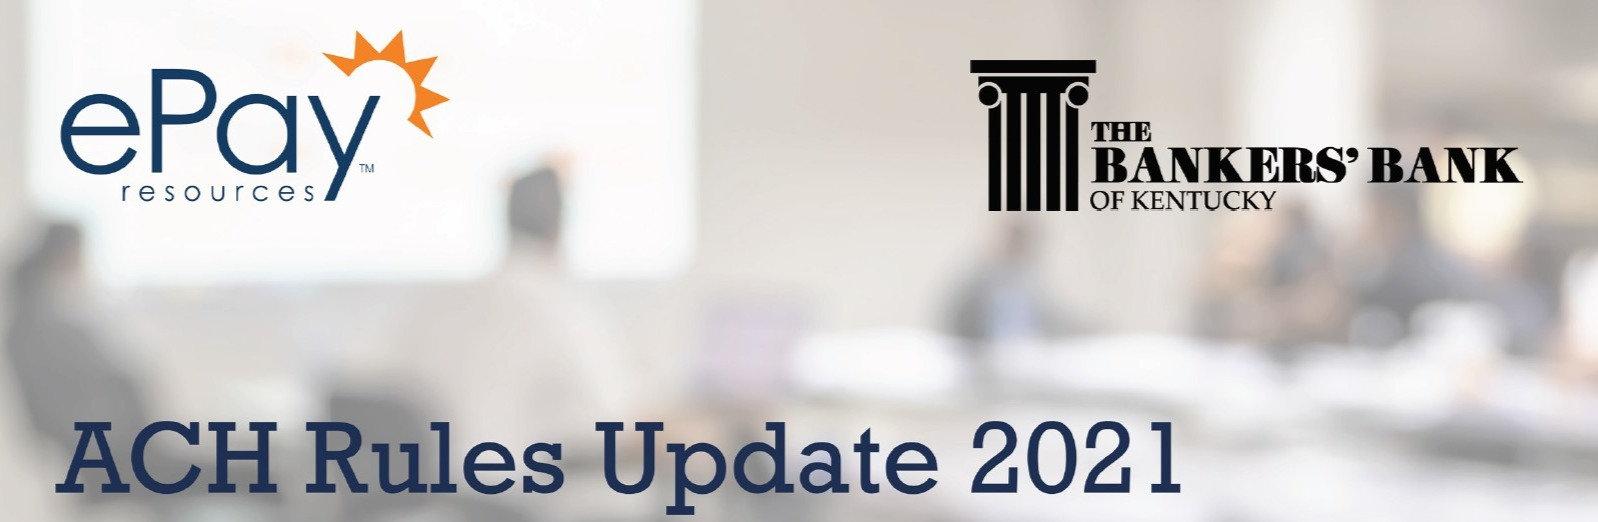 ACH Rules Update 2021